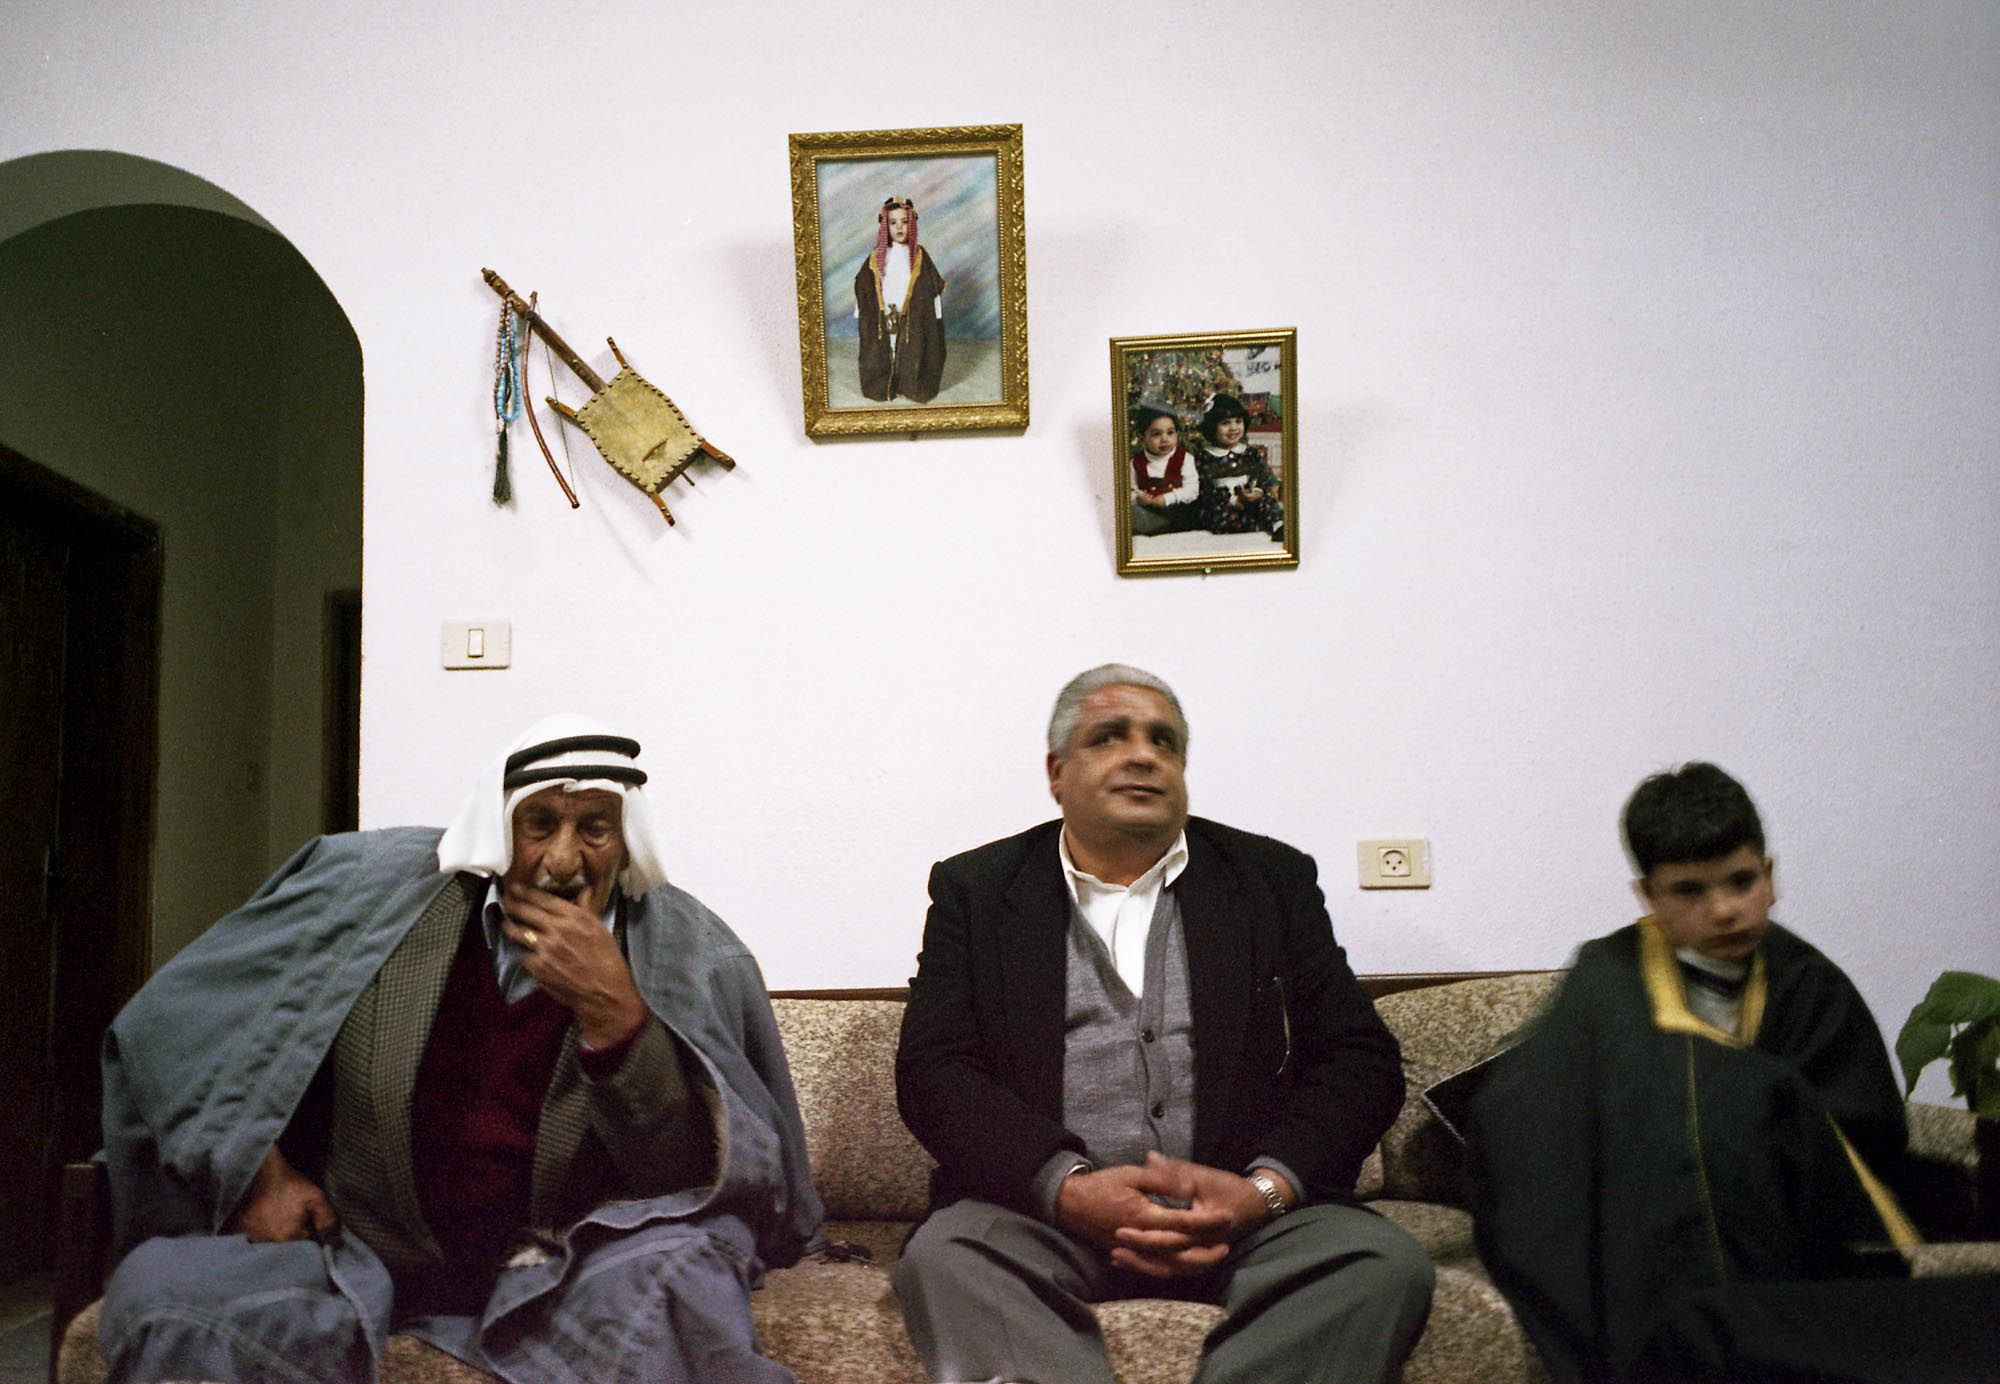 Bedouin Christians in The Jordan Valley, West Bank 2003